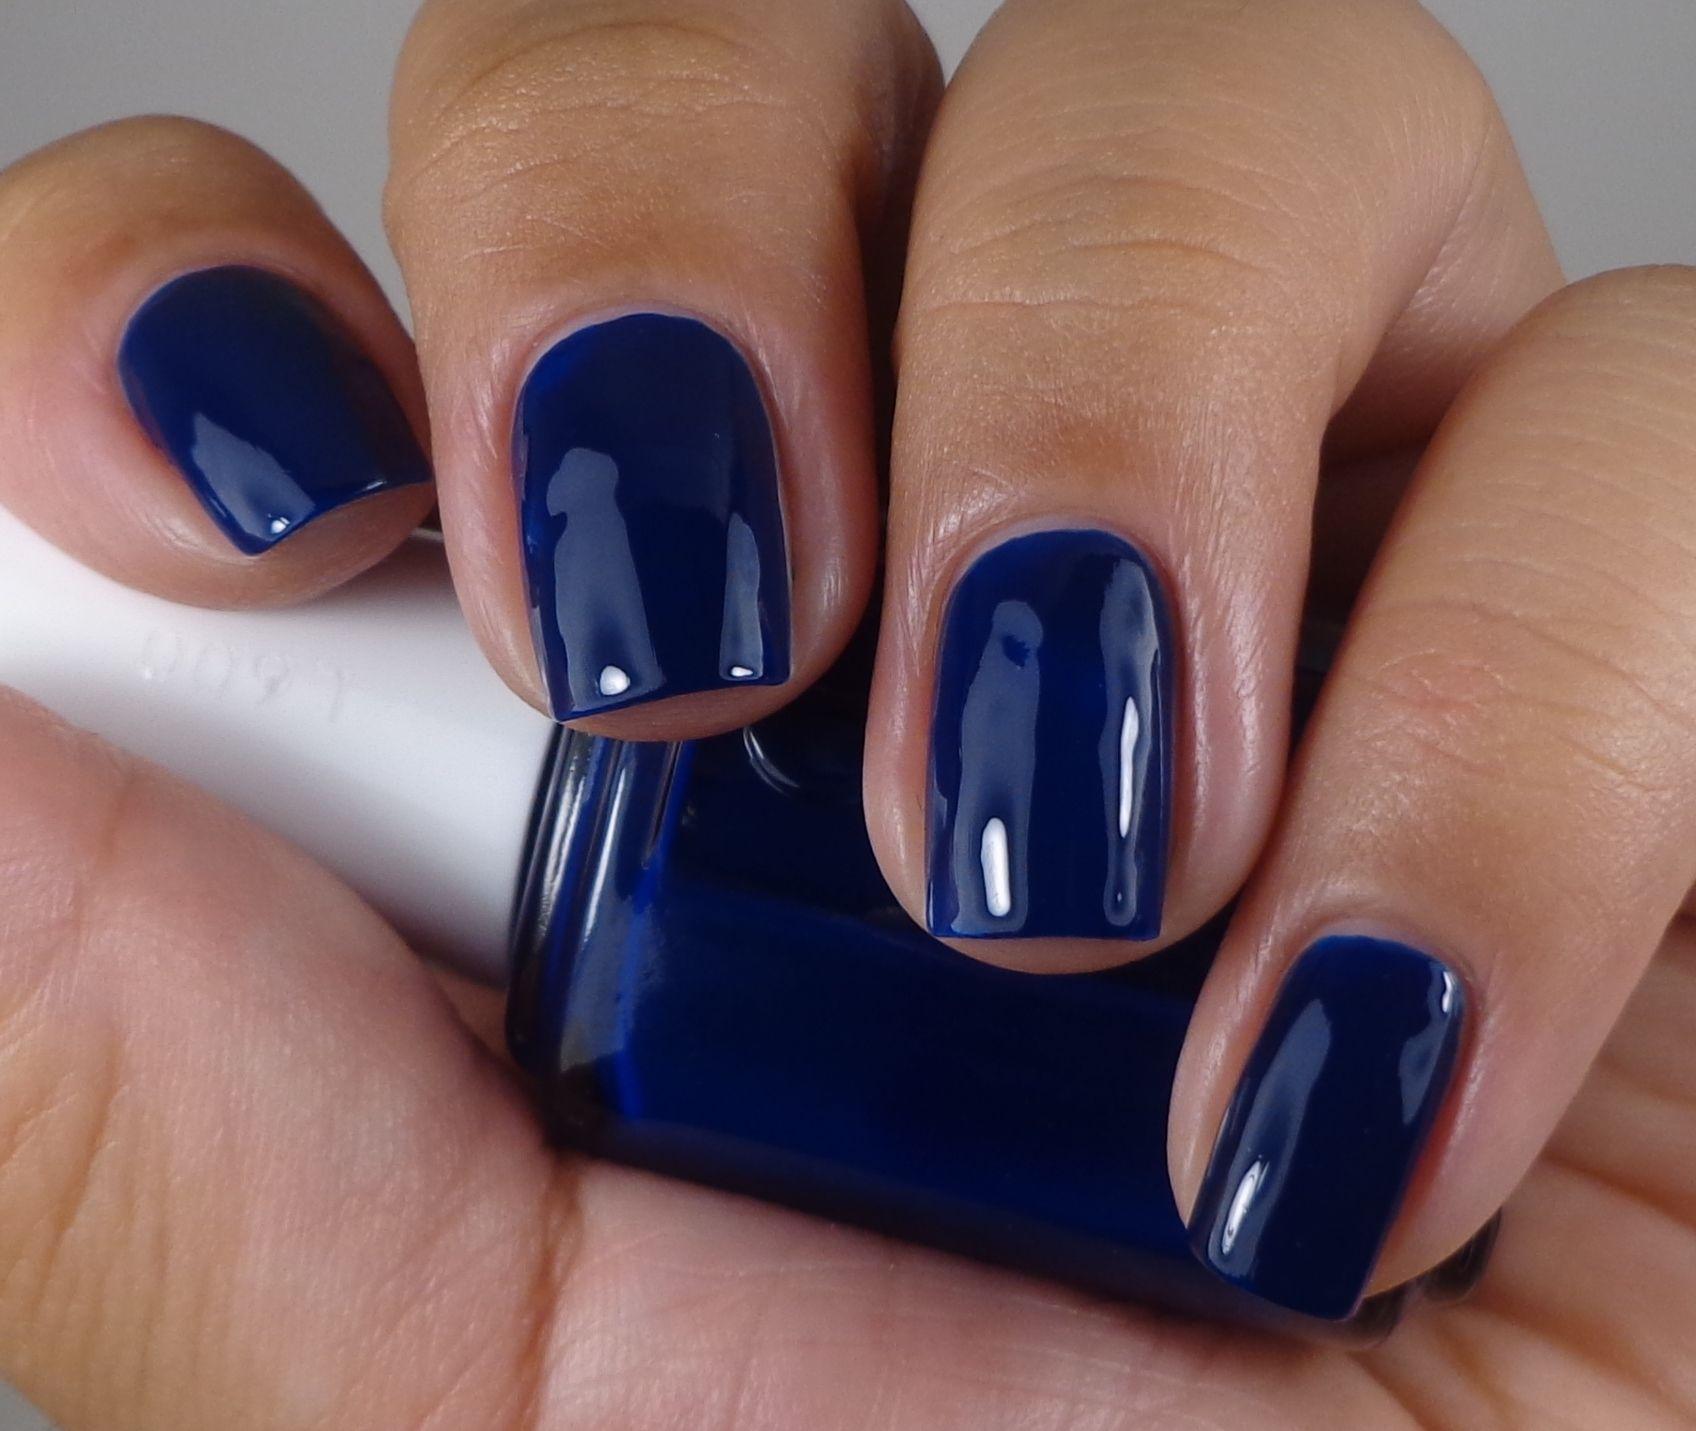 Essie Style Cartel 1 | Beauty | Pinterest | Uñas hermosas, Esmalte y ...